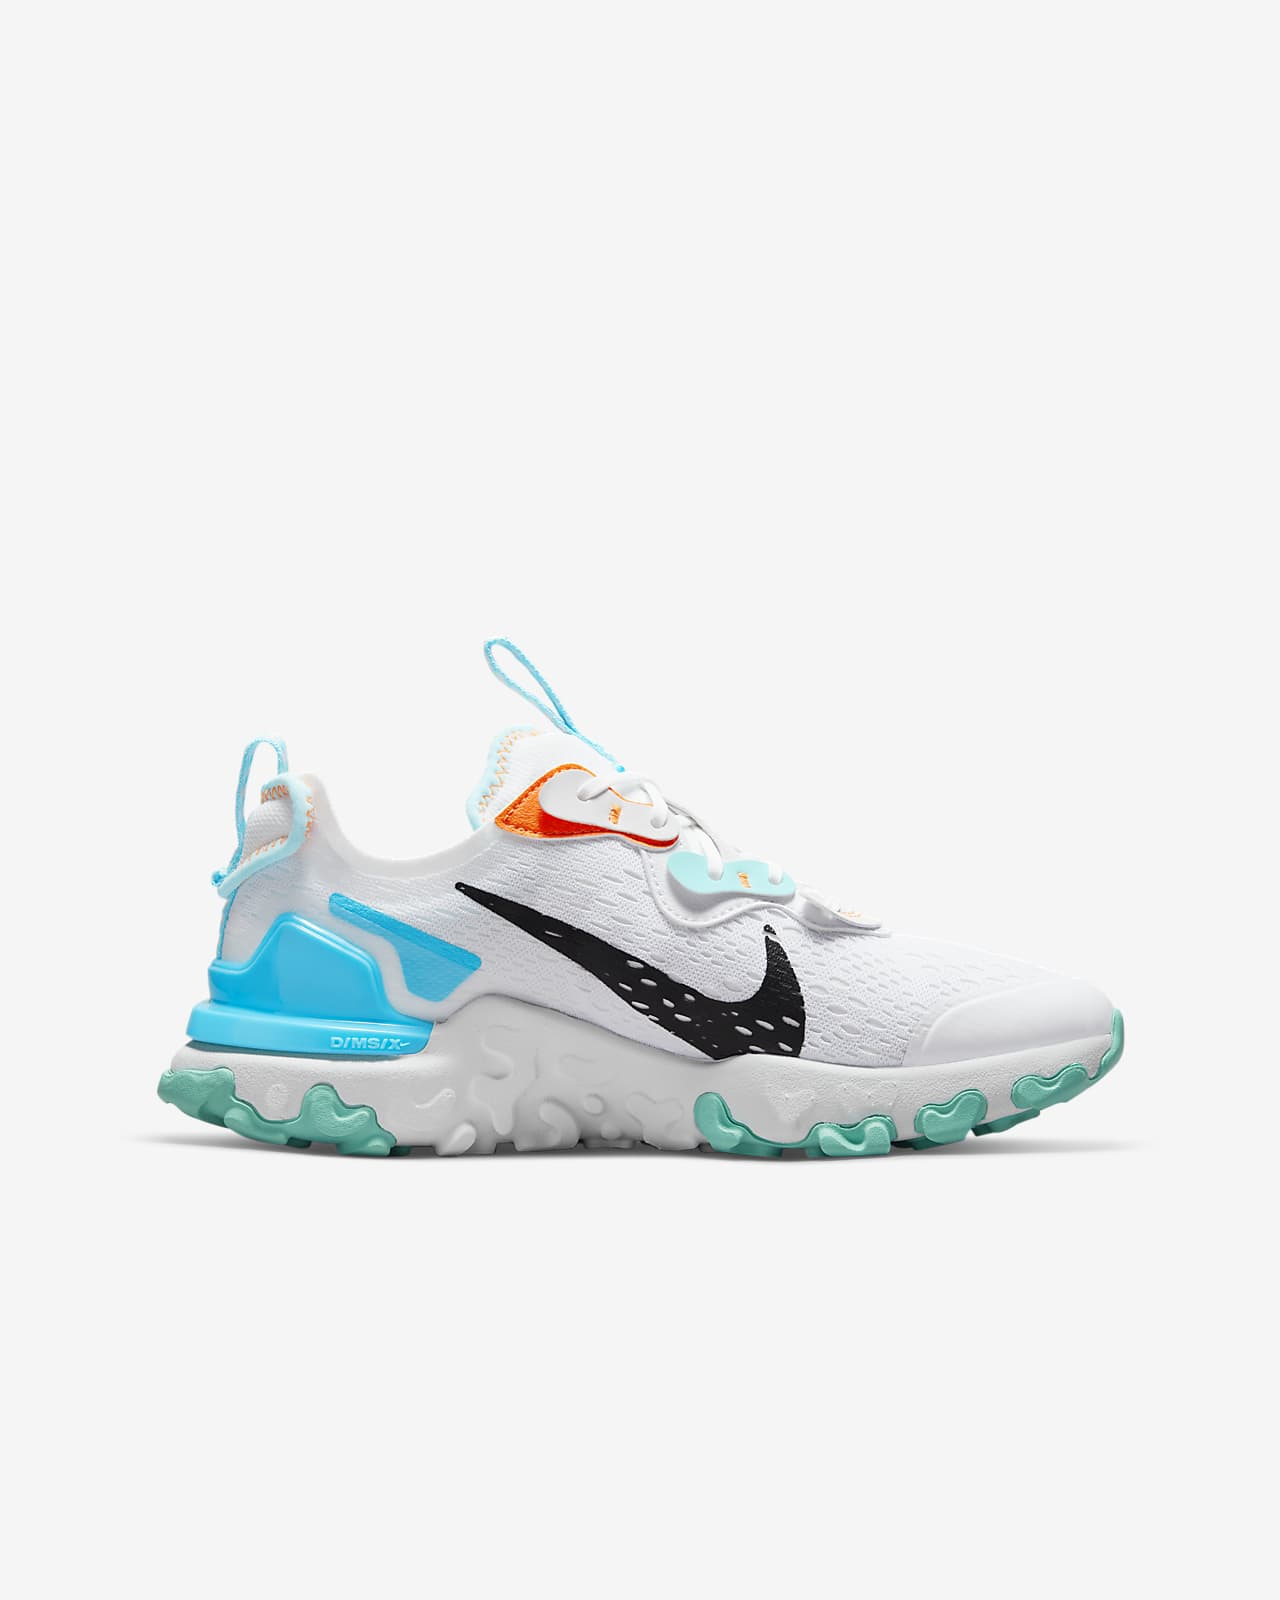 Nike React Vision Older Kids' Shoes. Nike LU